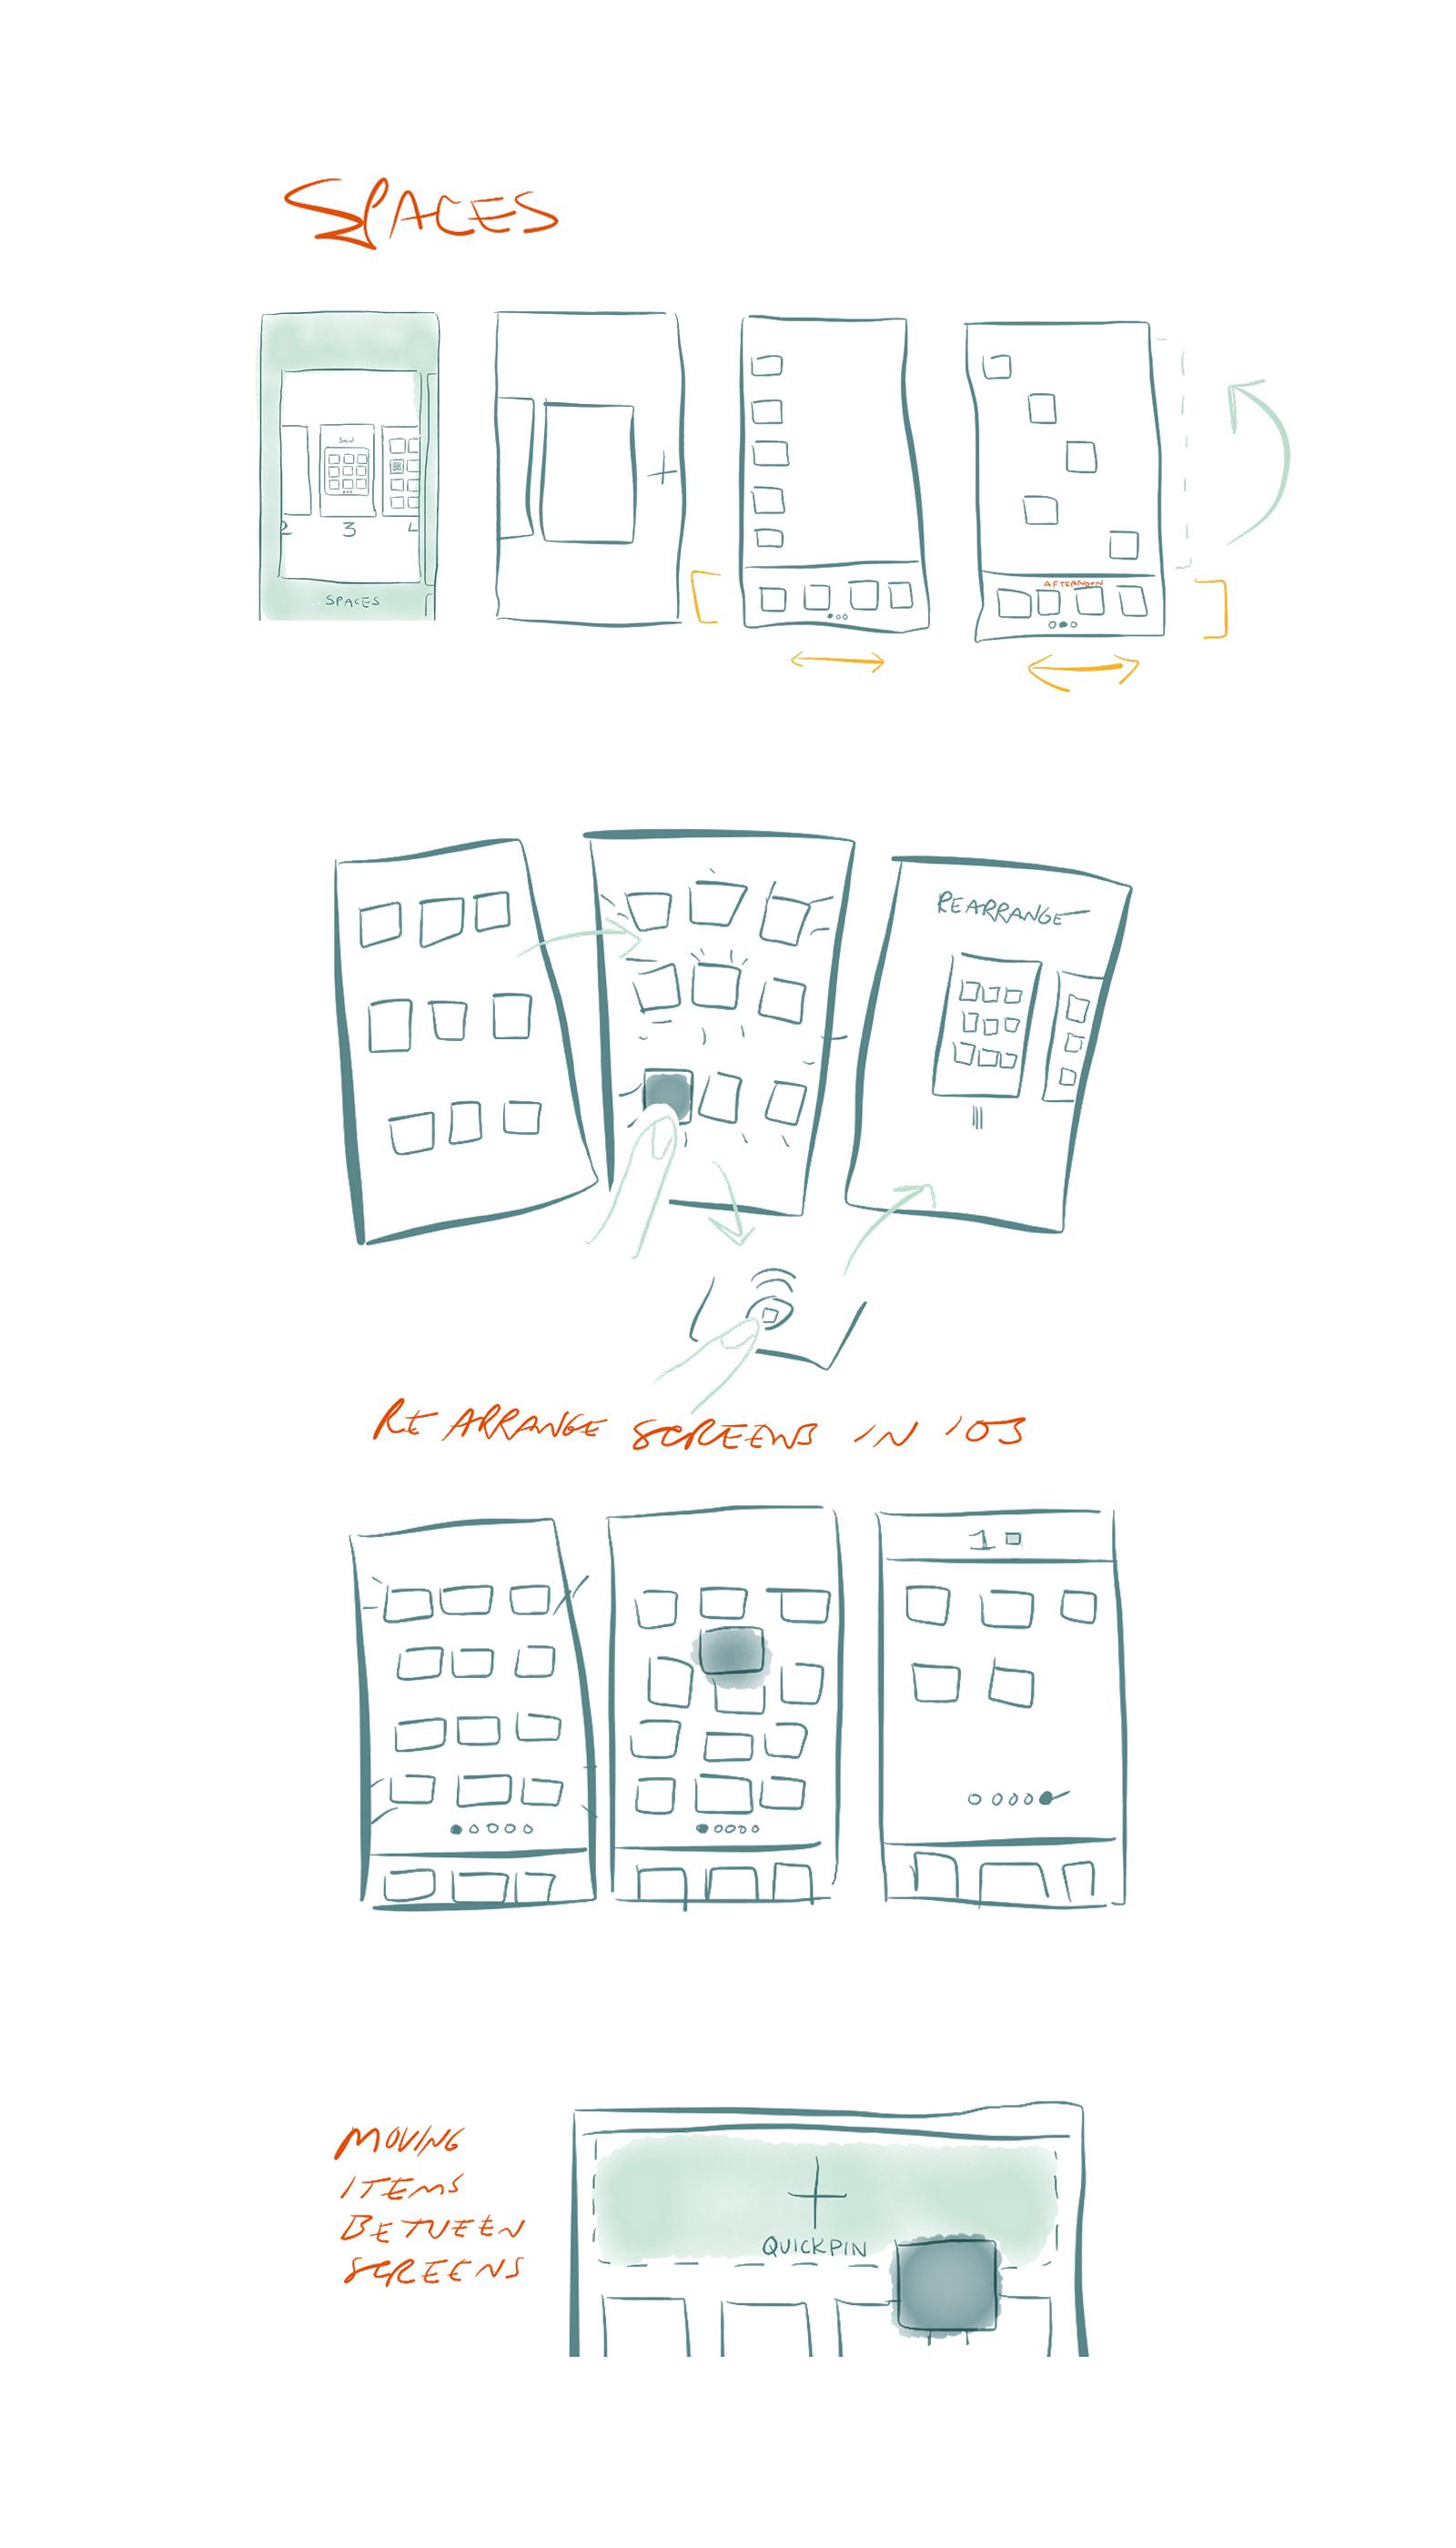 spaces.jpg